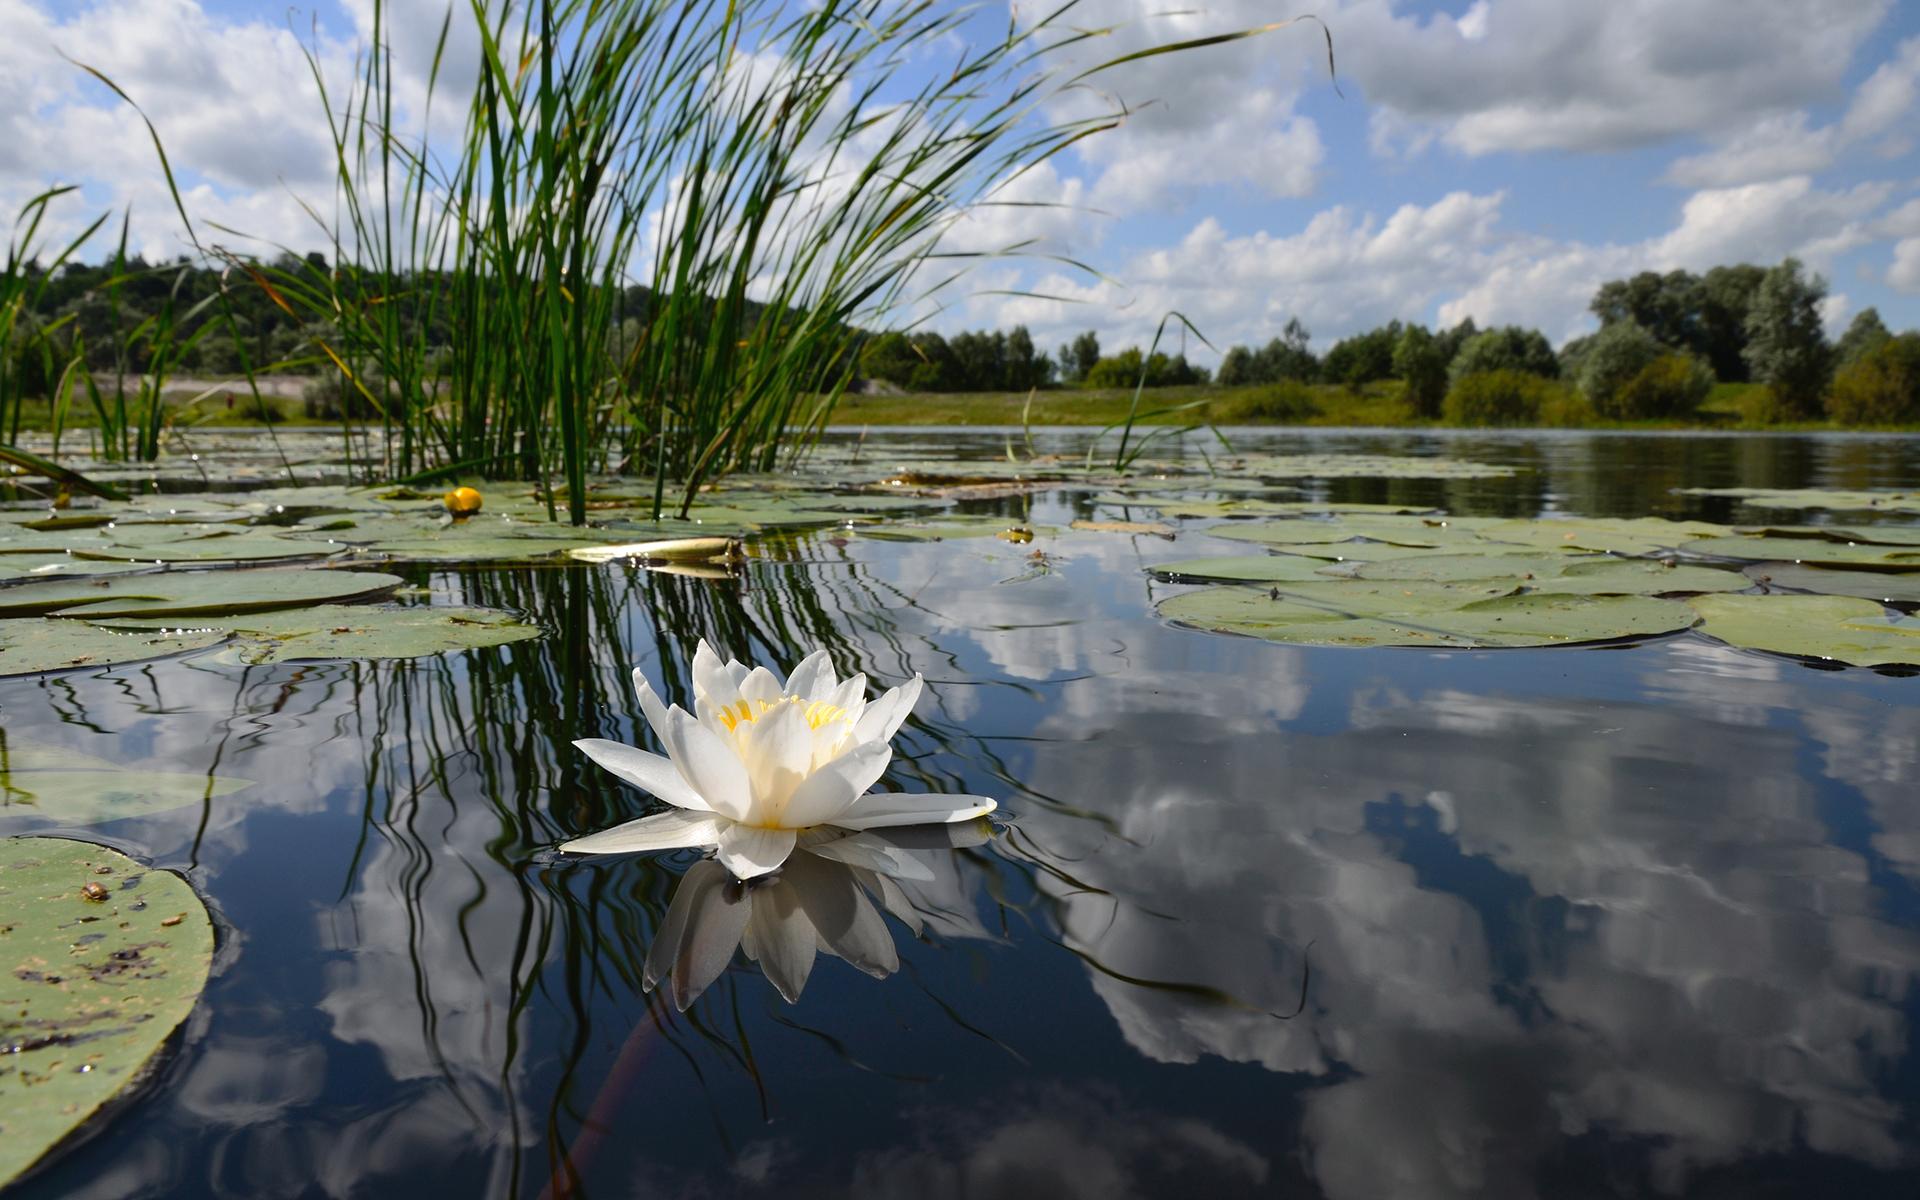 озеро с камышами и кувшинками картинки гулягин попросили